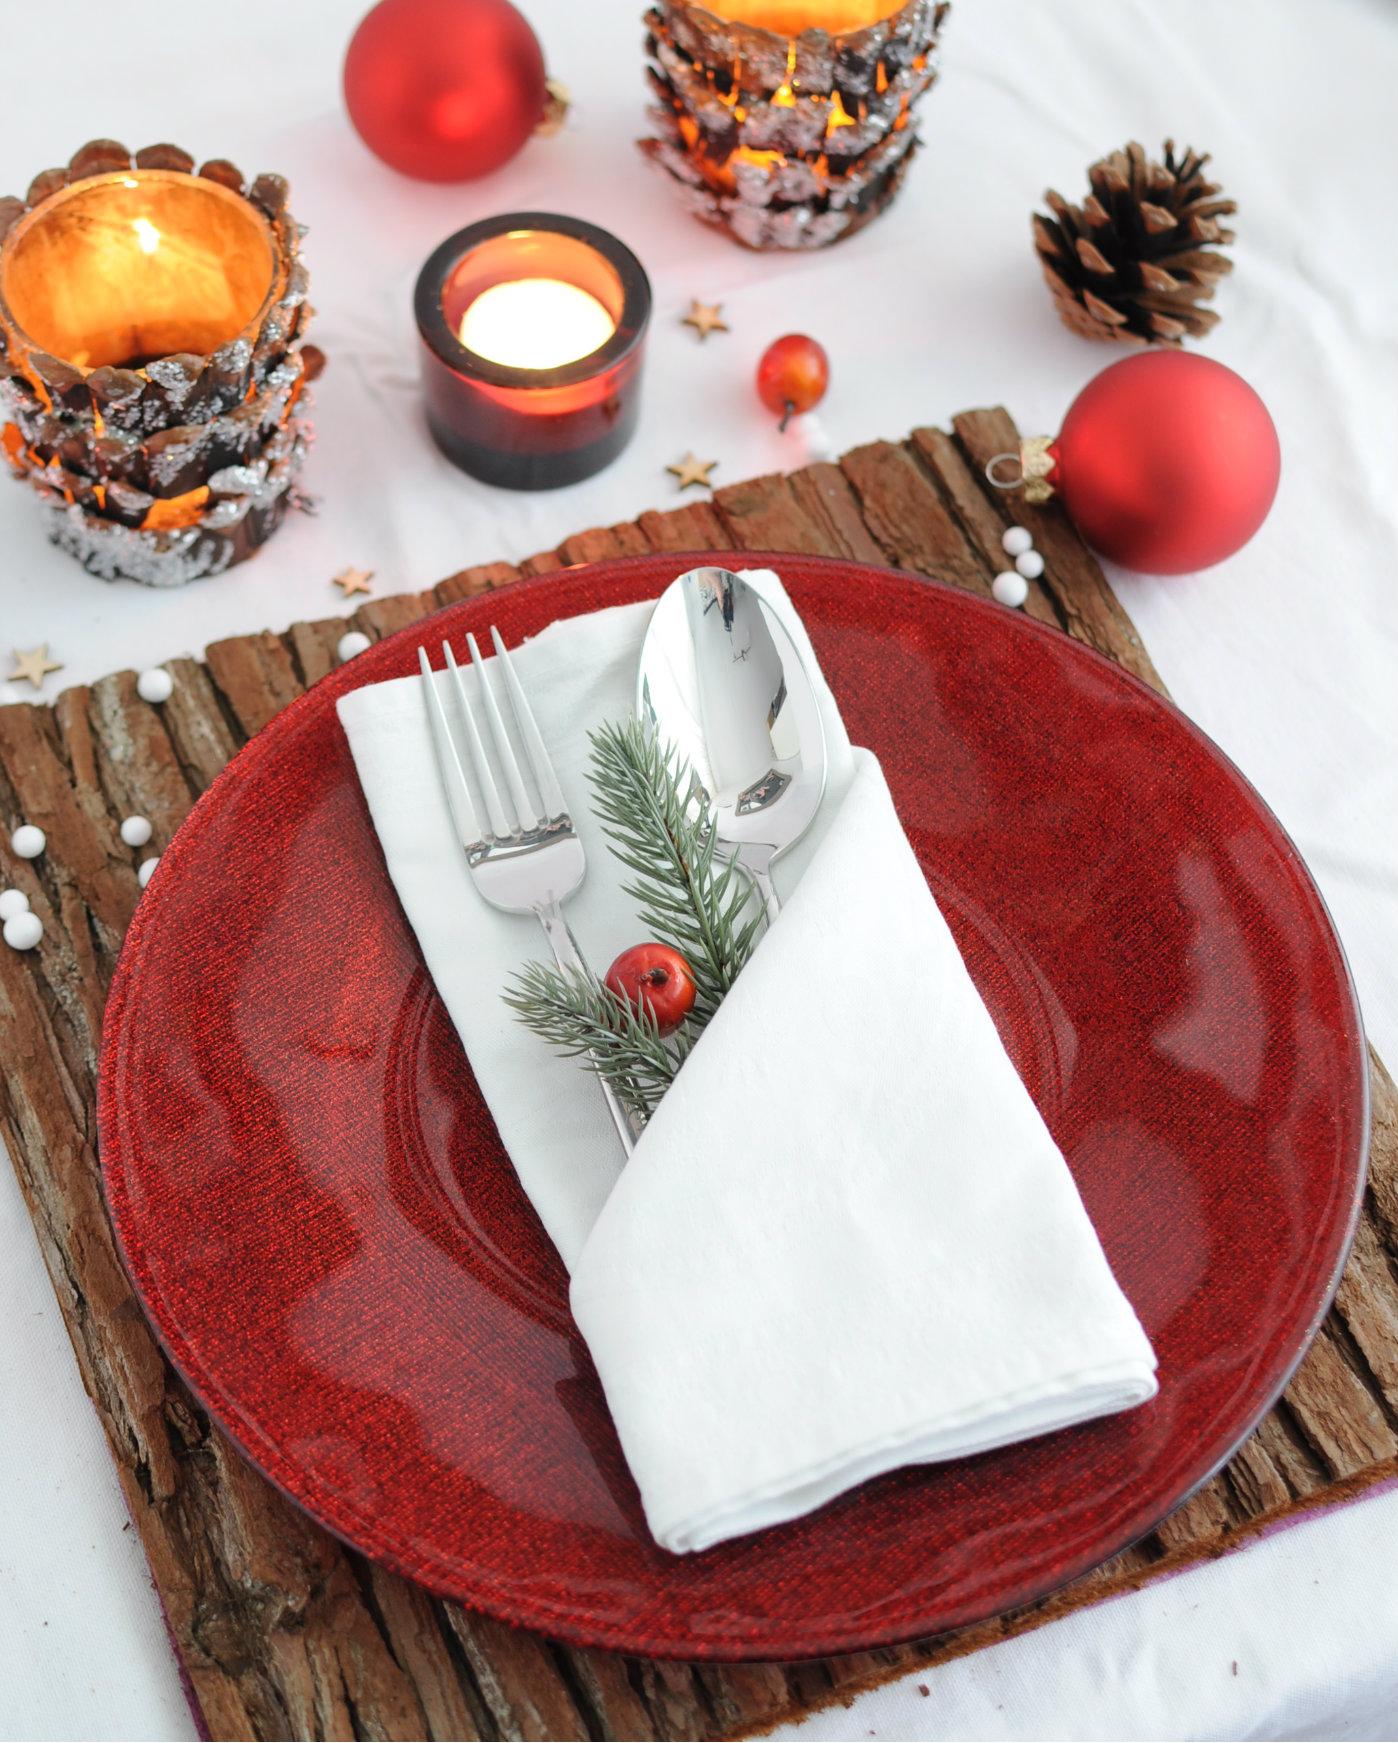 servet vouwen voor kerst